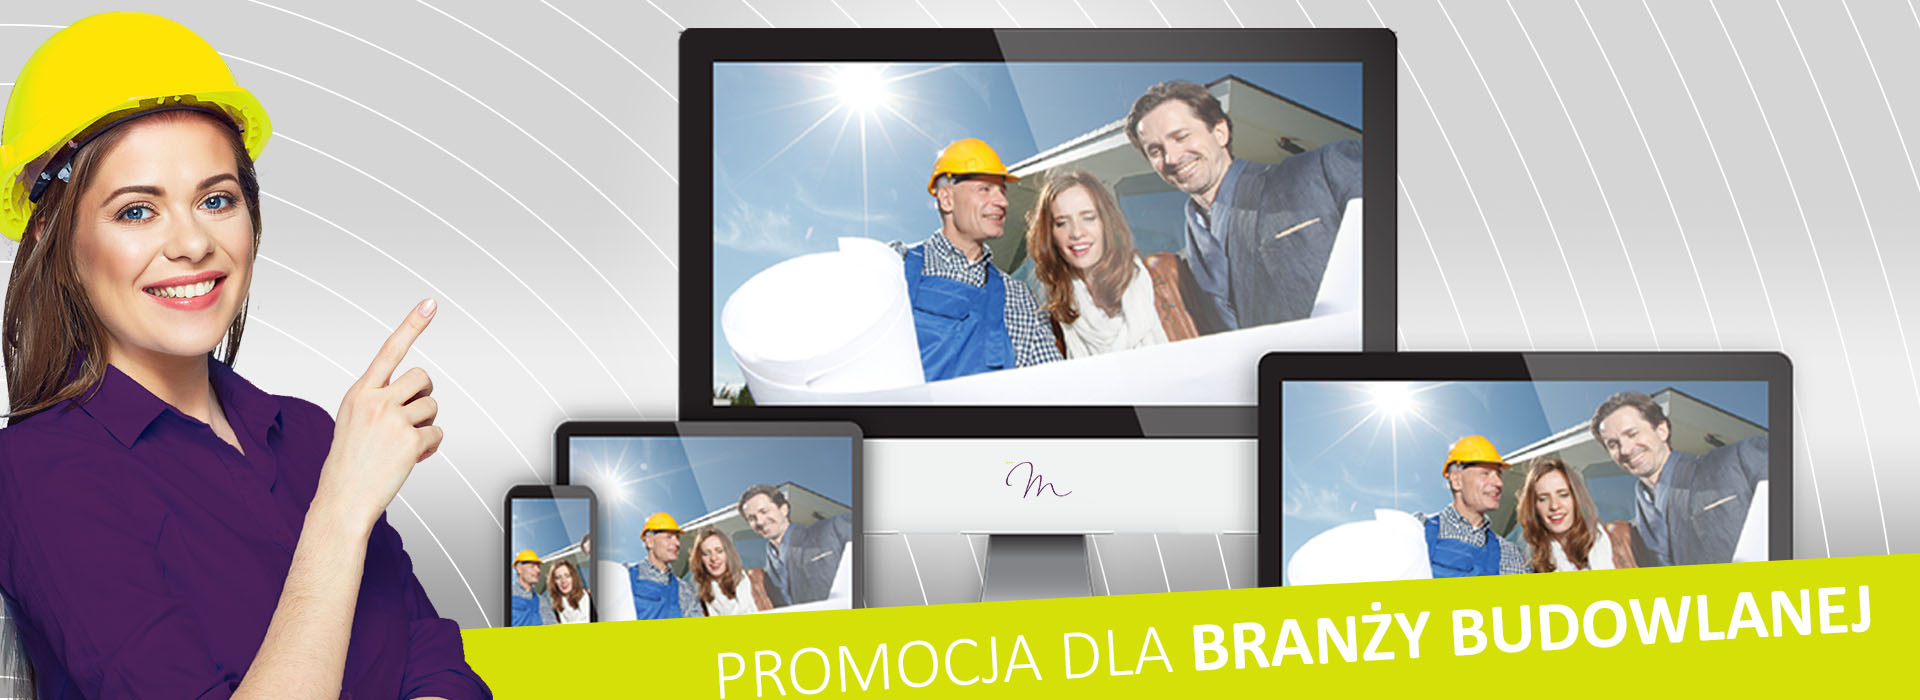 1200x628_Agencja-FB-Reklama-WWW-BudoWLANE-agencja-marketingu-pr-reklamy-jelenia-gora-maja-nowak